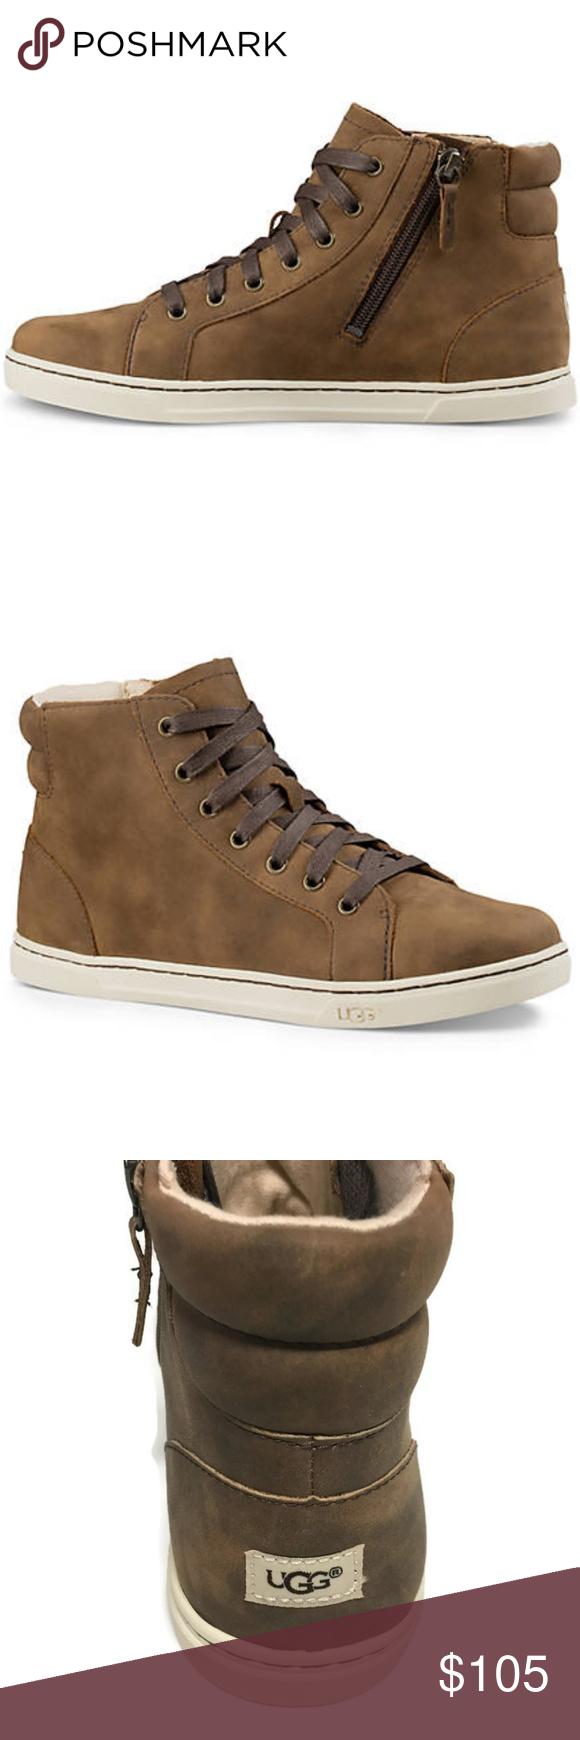 998b64ed812 UGG Australia Gradie Hightop Sneakers 5M Brown New UGG Australia ...